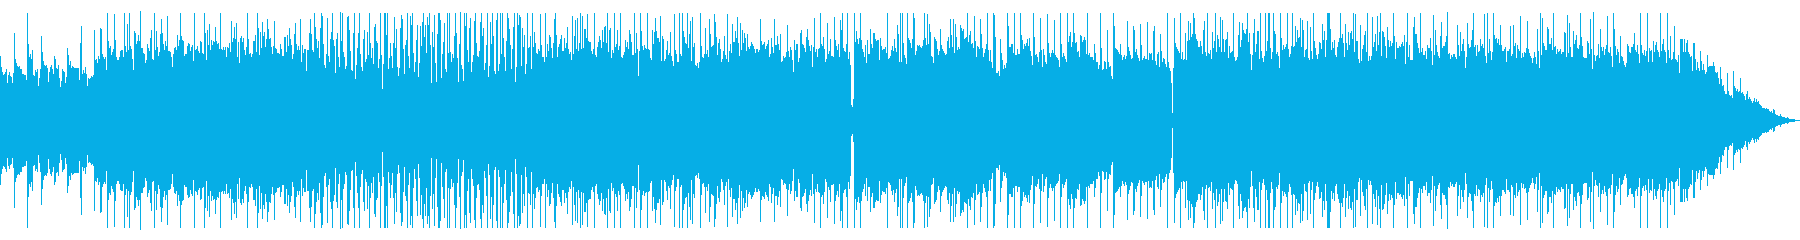 キャッチーなリフが特徴のメタルの再生済みの波形